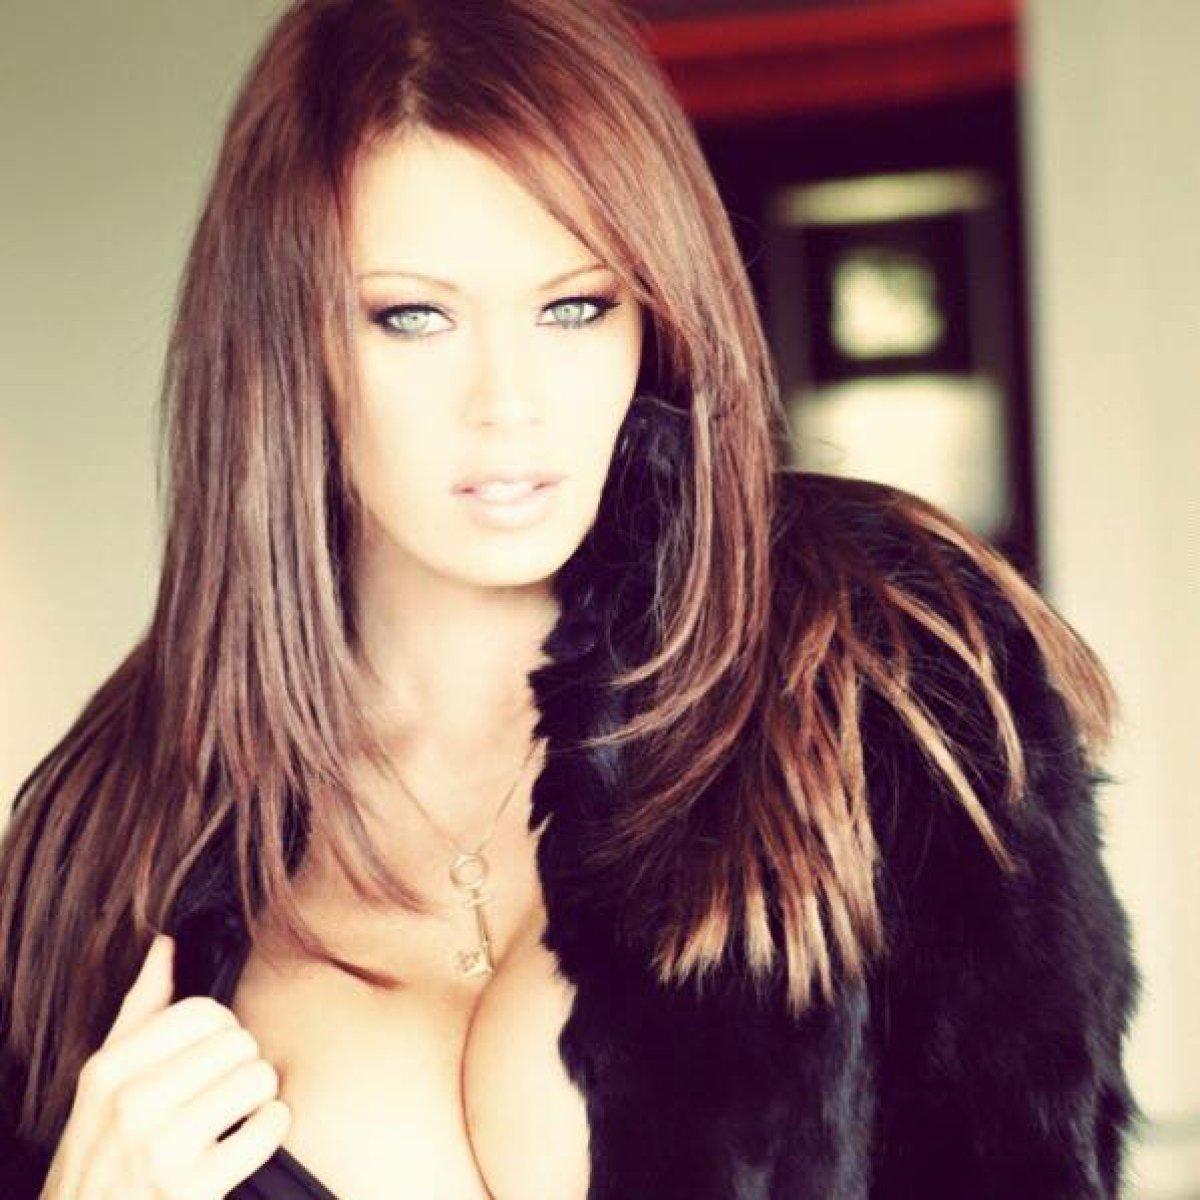 Actrices Porno Mas Ricas las estrellas porno más ricas del mundo | fotogalería